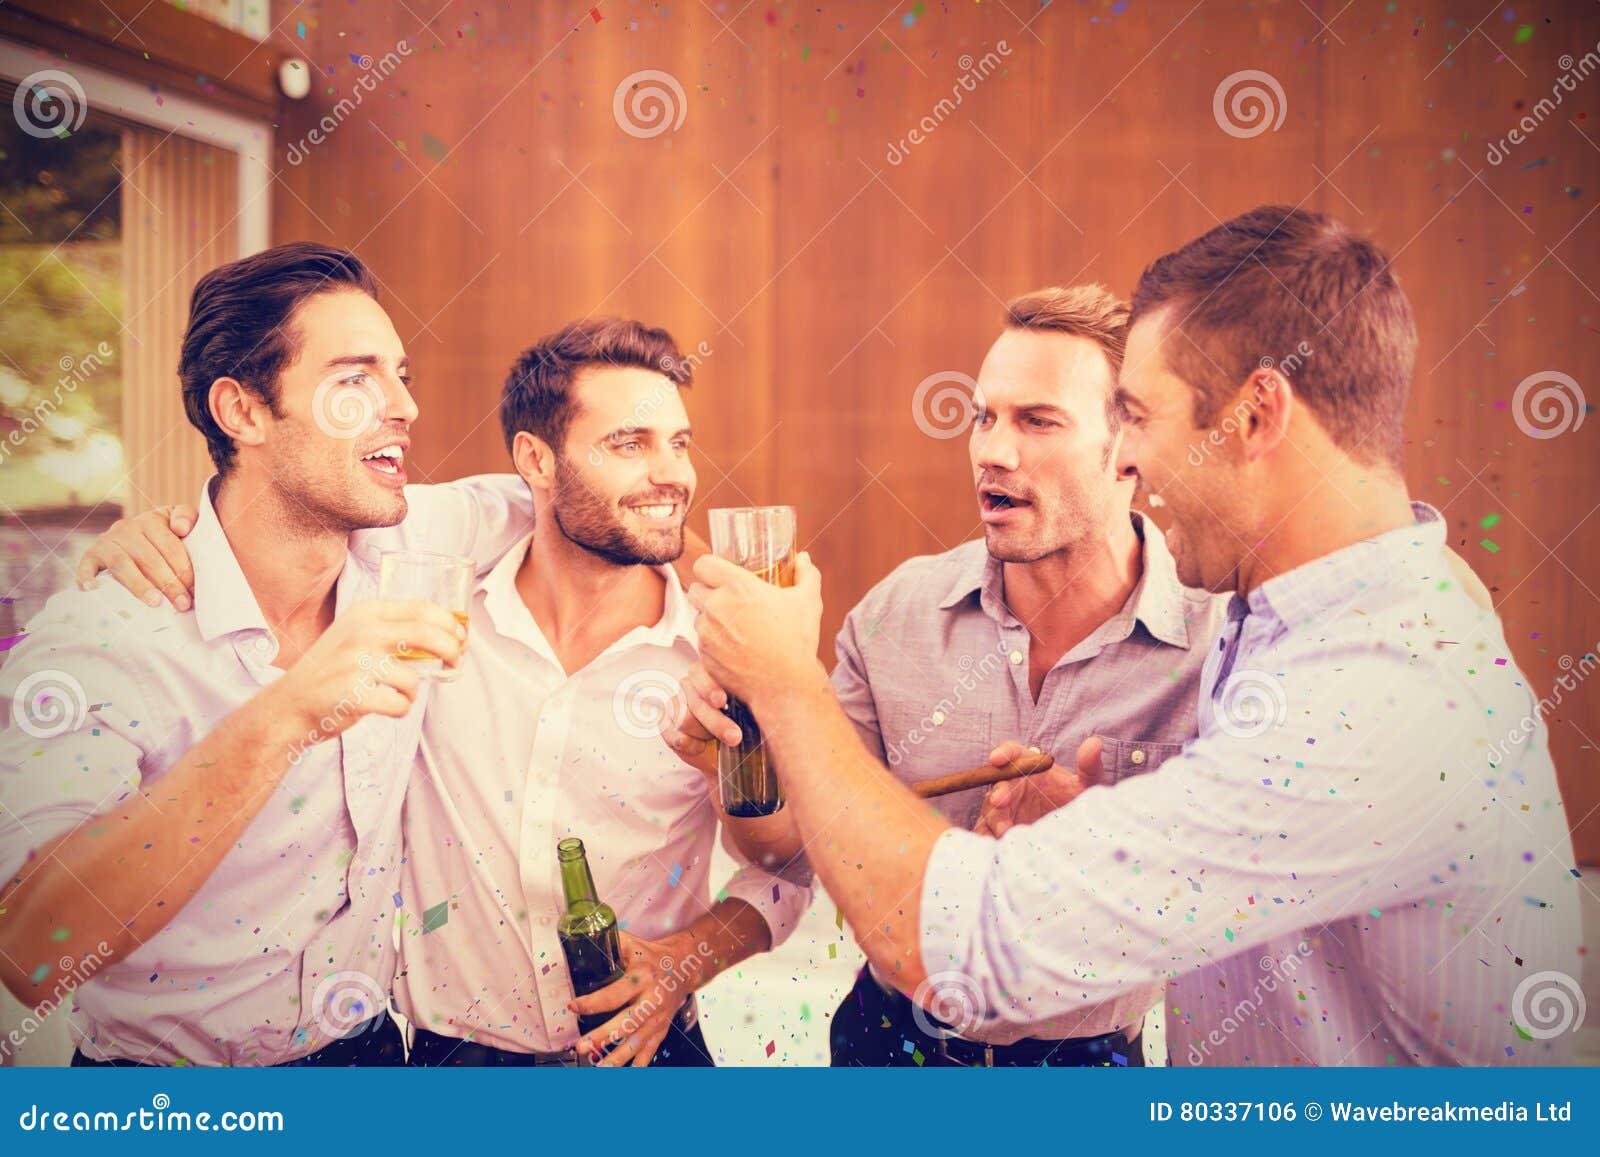 Samengesteld beeld van groep jonge mensen die dranken hebben